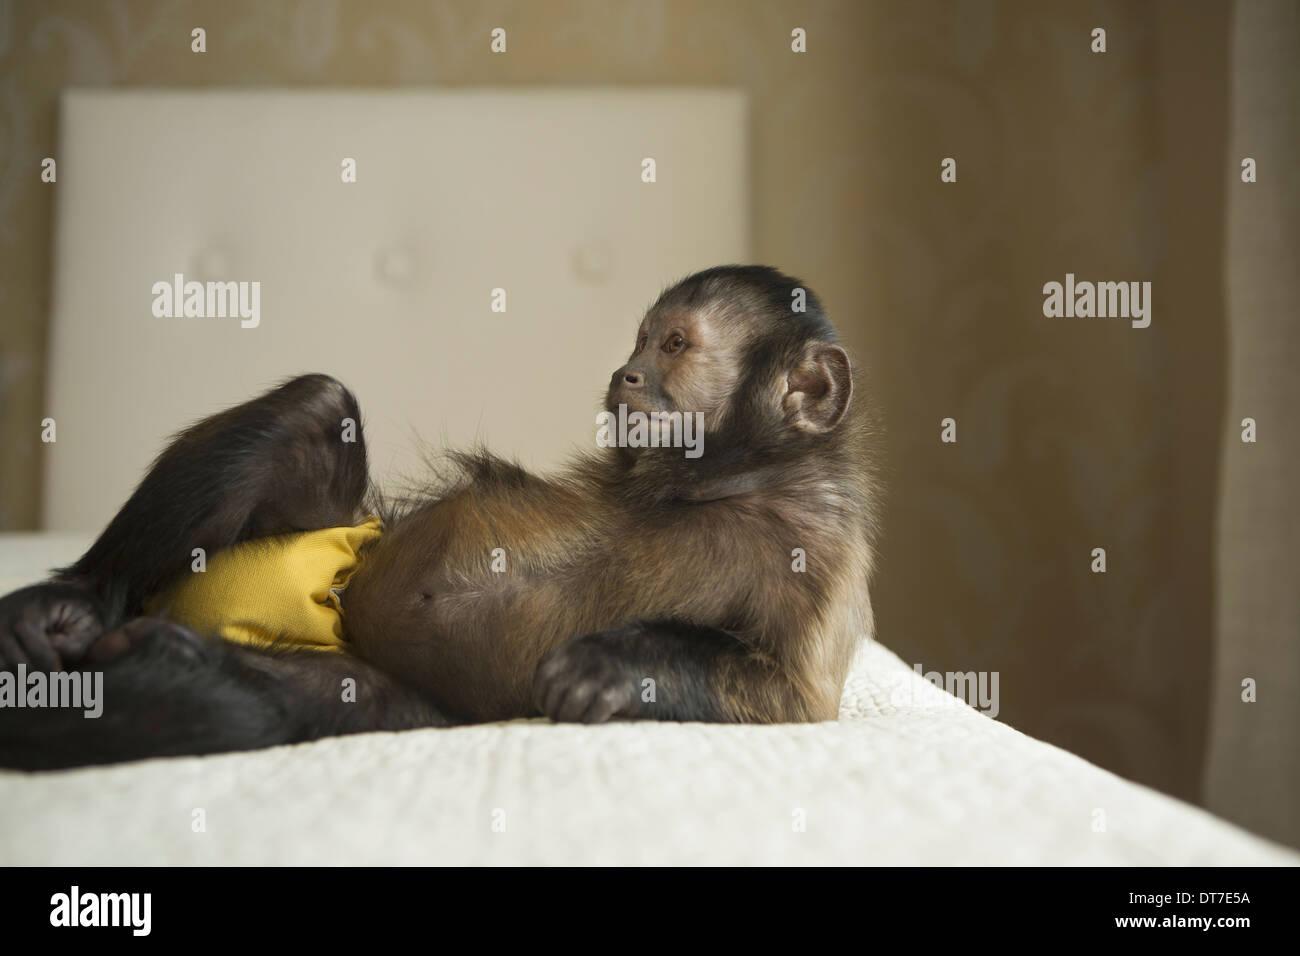 Ein Kapuziner Affe auf einem Bett liegend in einer inländischen Heimat Austin Texas USA Stockbild